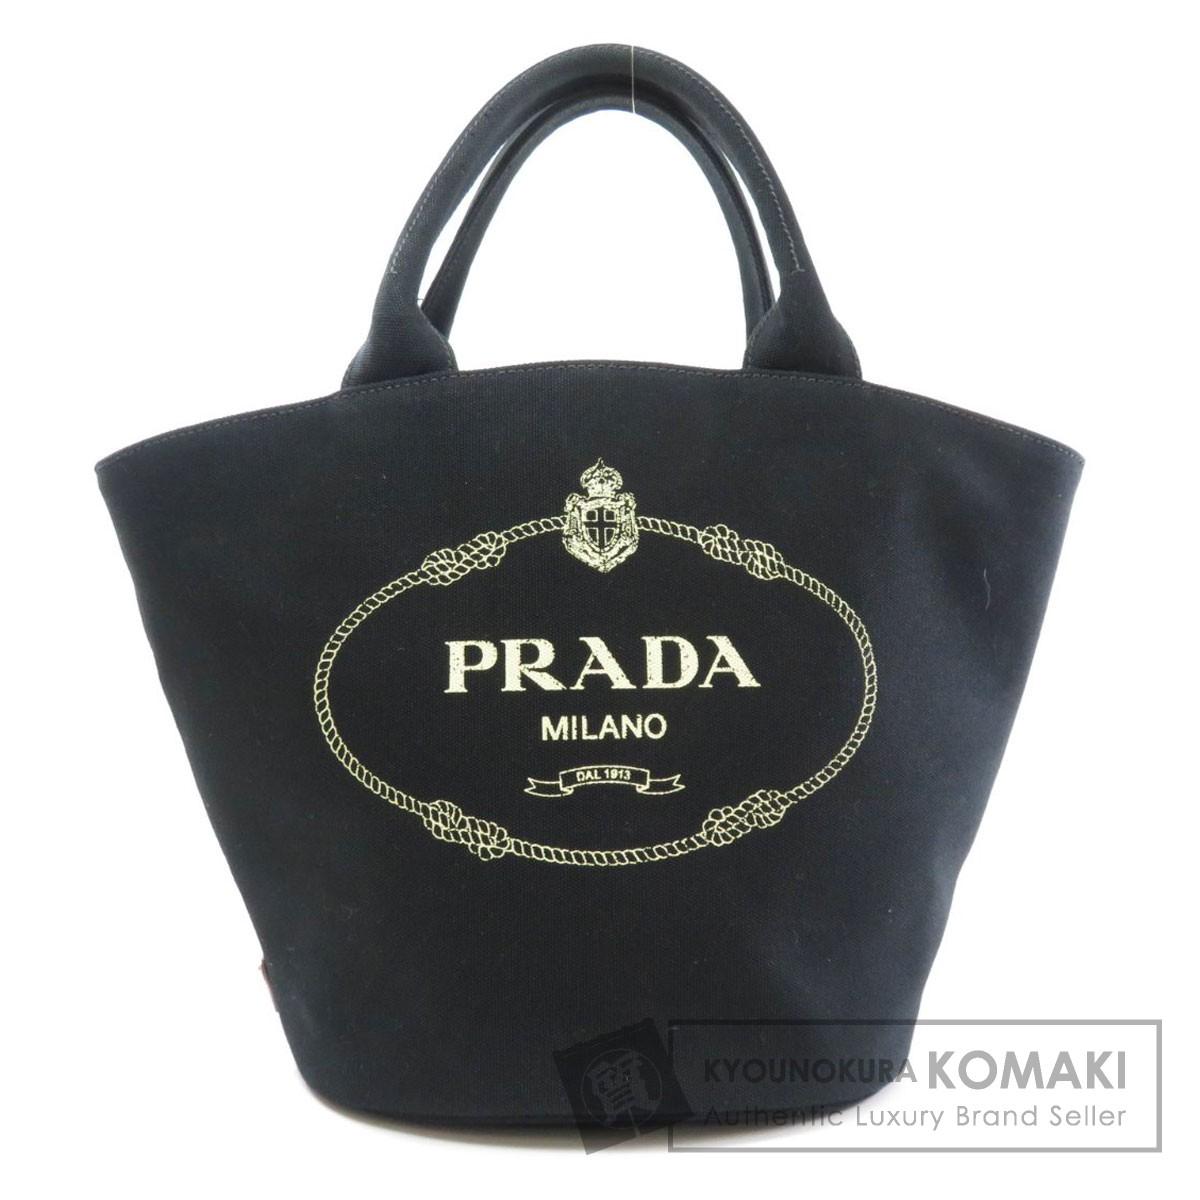 プラダ カナパ バケツ型 トートバッグ キャンバス レディース 【中古】【PRADA】